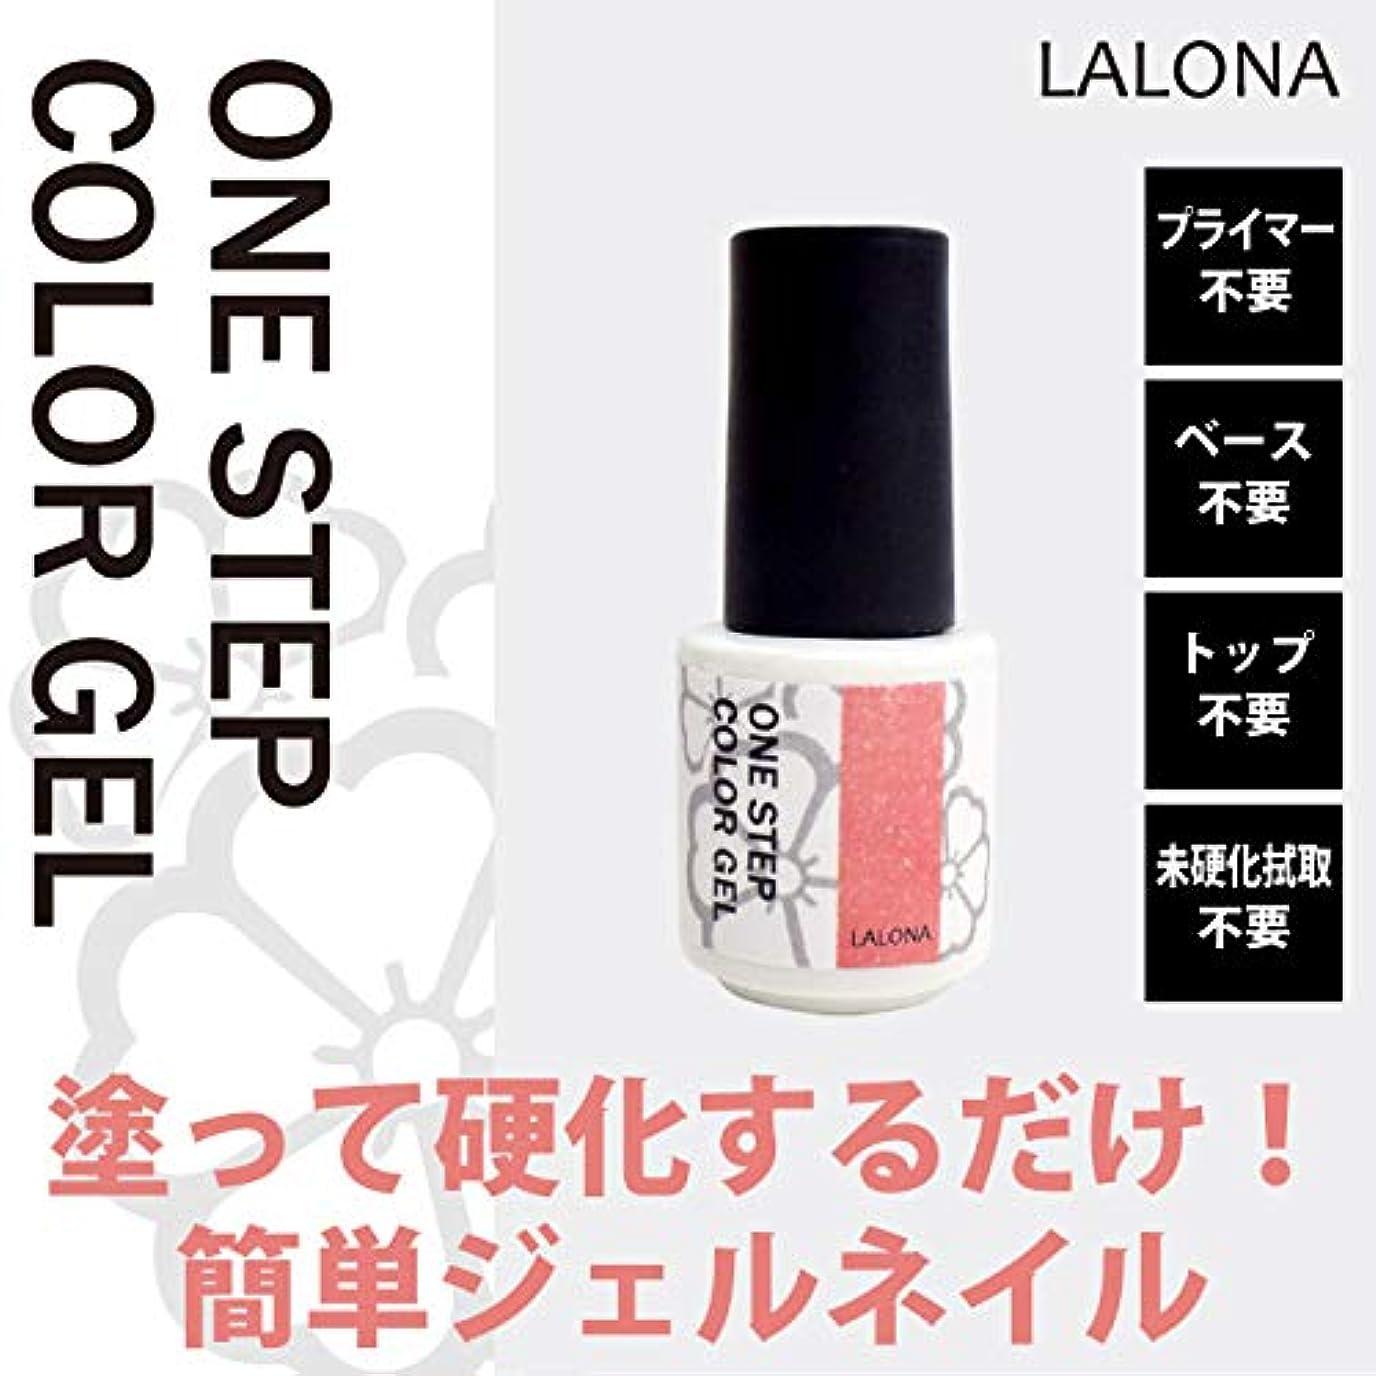 フェミニン付属品誰もジェルネイル《塗って硬化させるだけ》LALONA ワンステップカラージェル (5g) (LA009 カーニバルレッド)